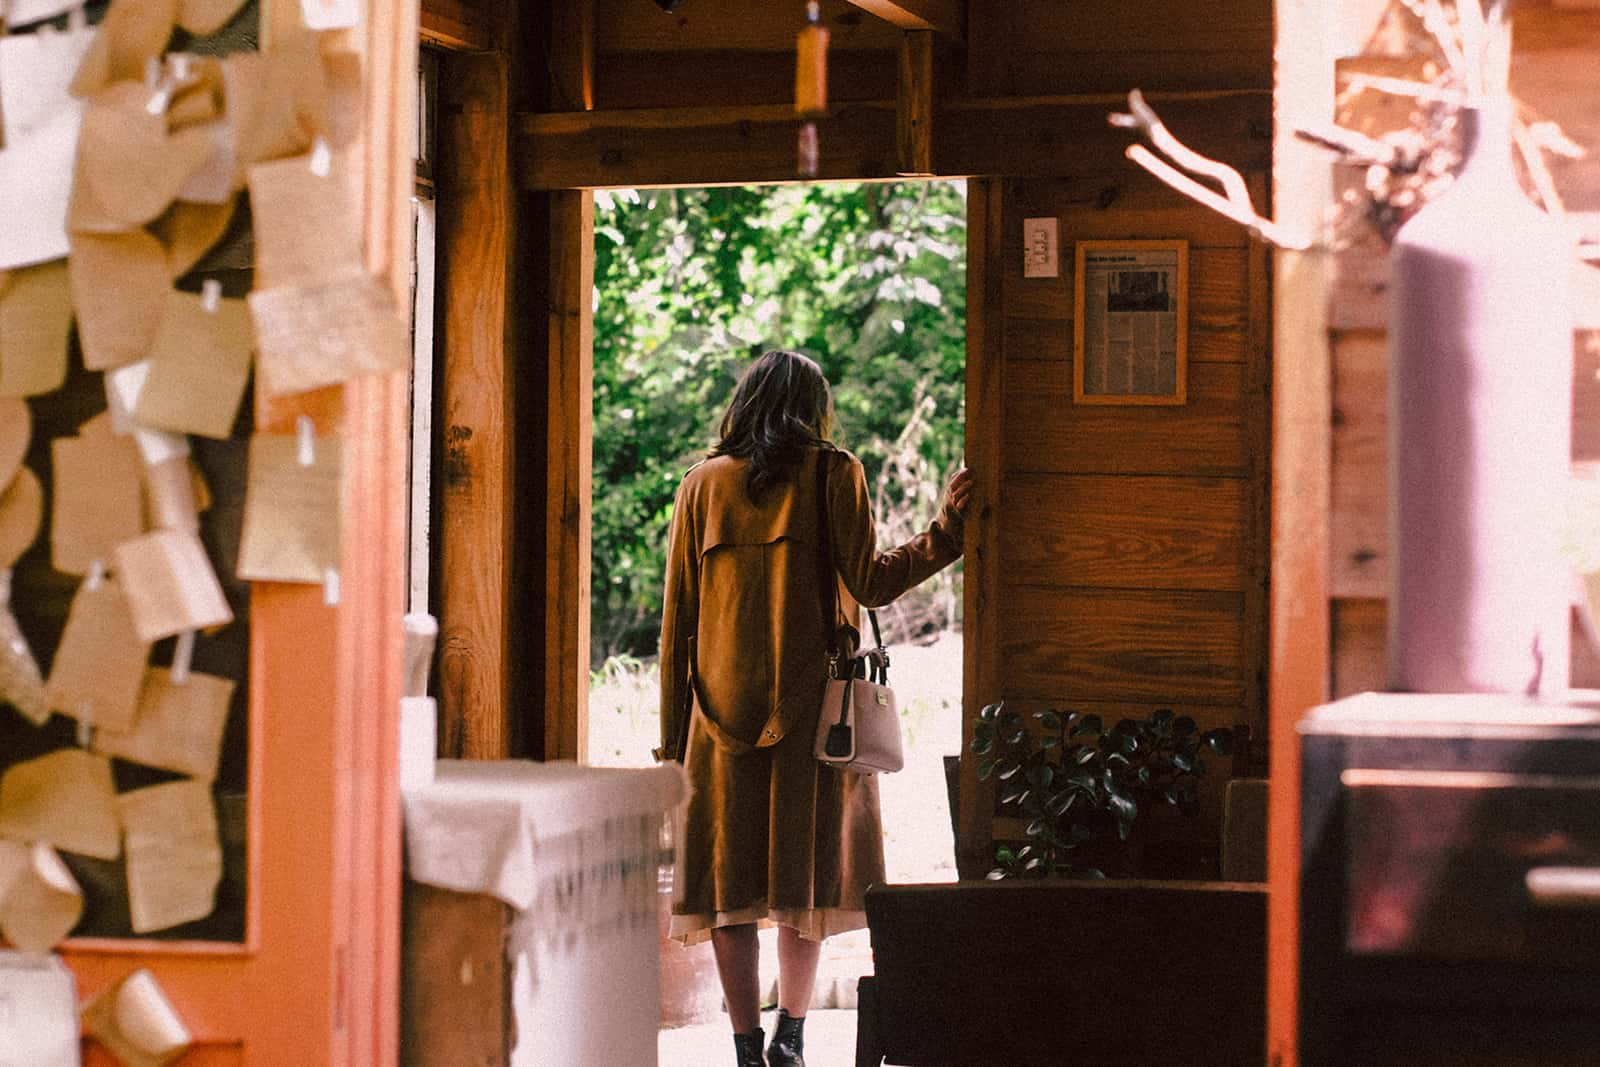 eine Frau, die an der Tür steht und ein Haus verlässt